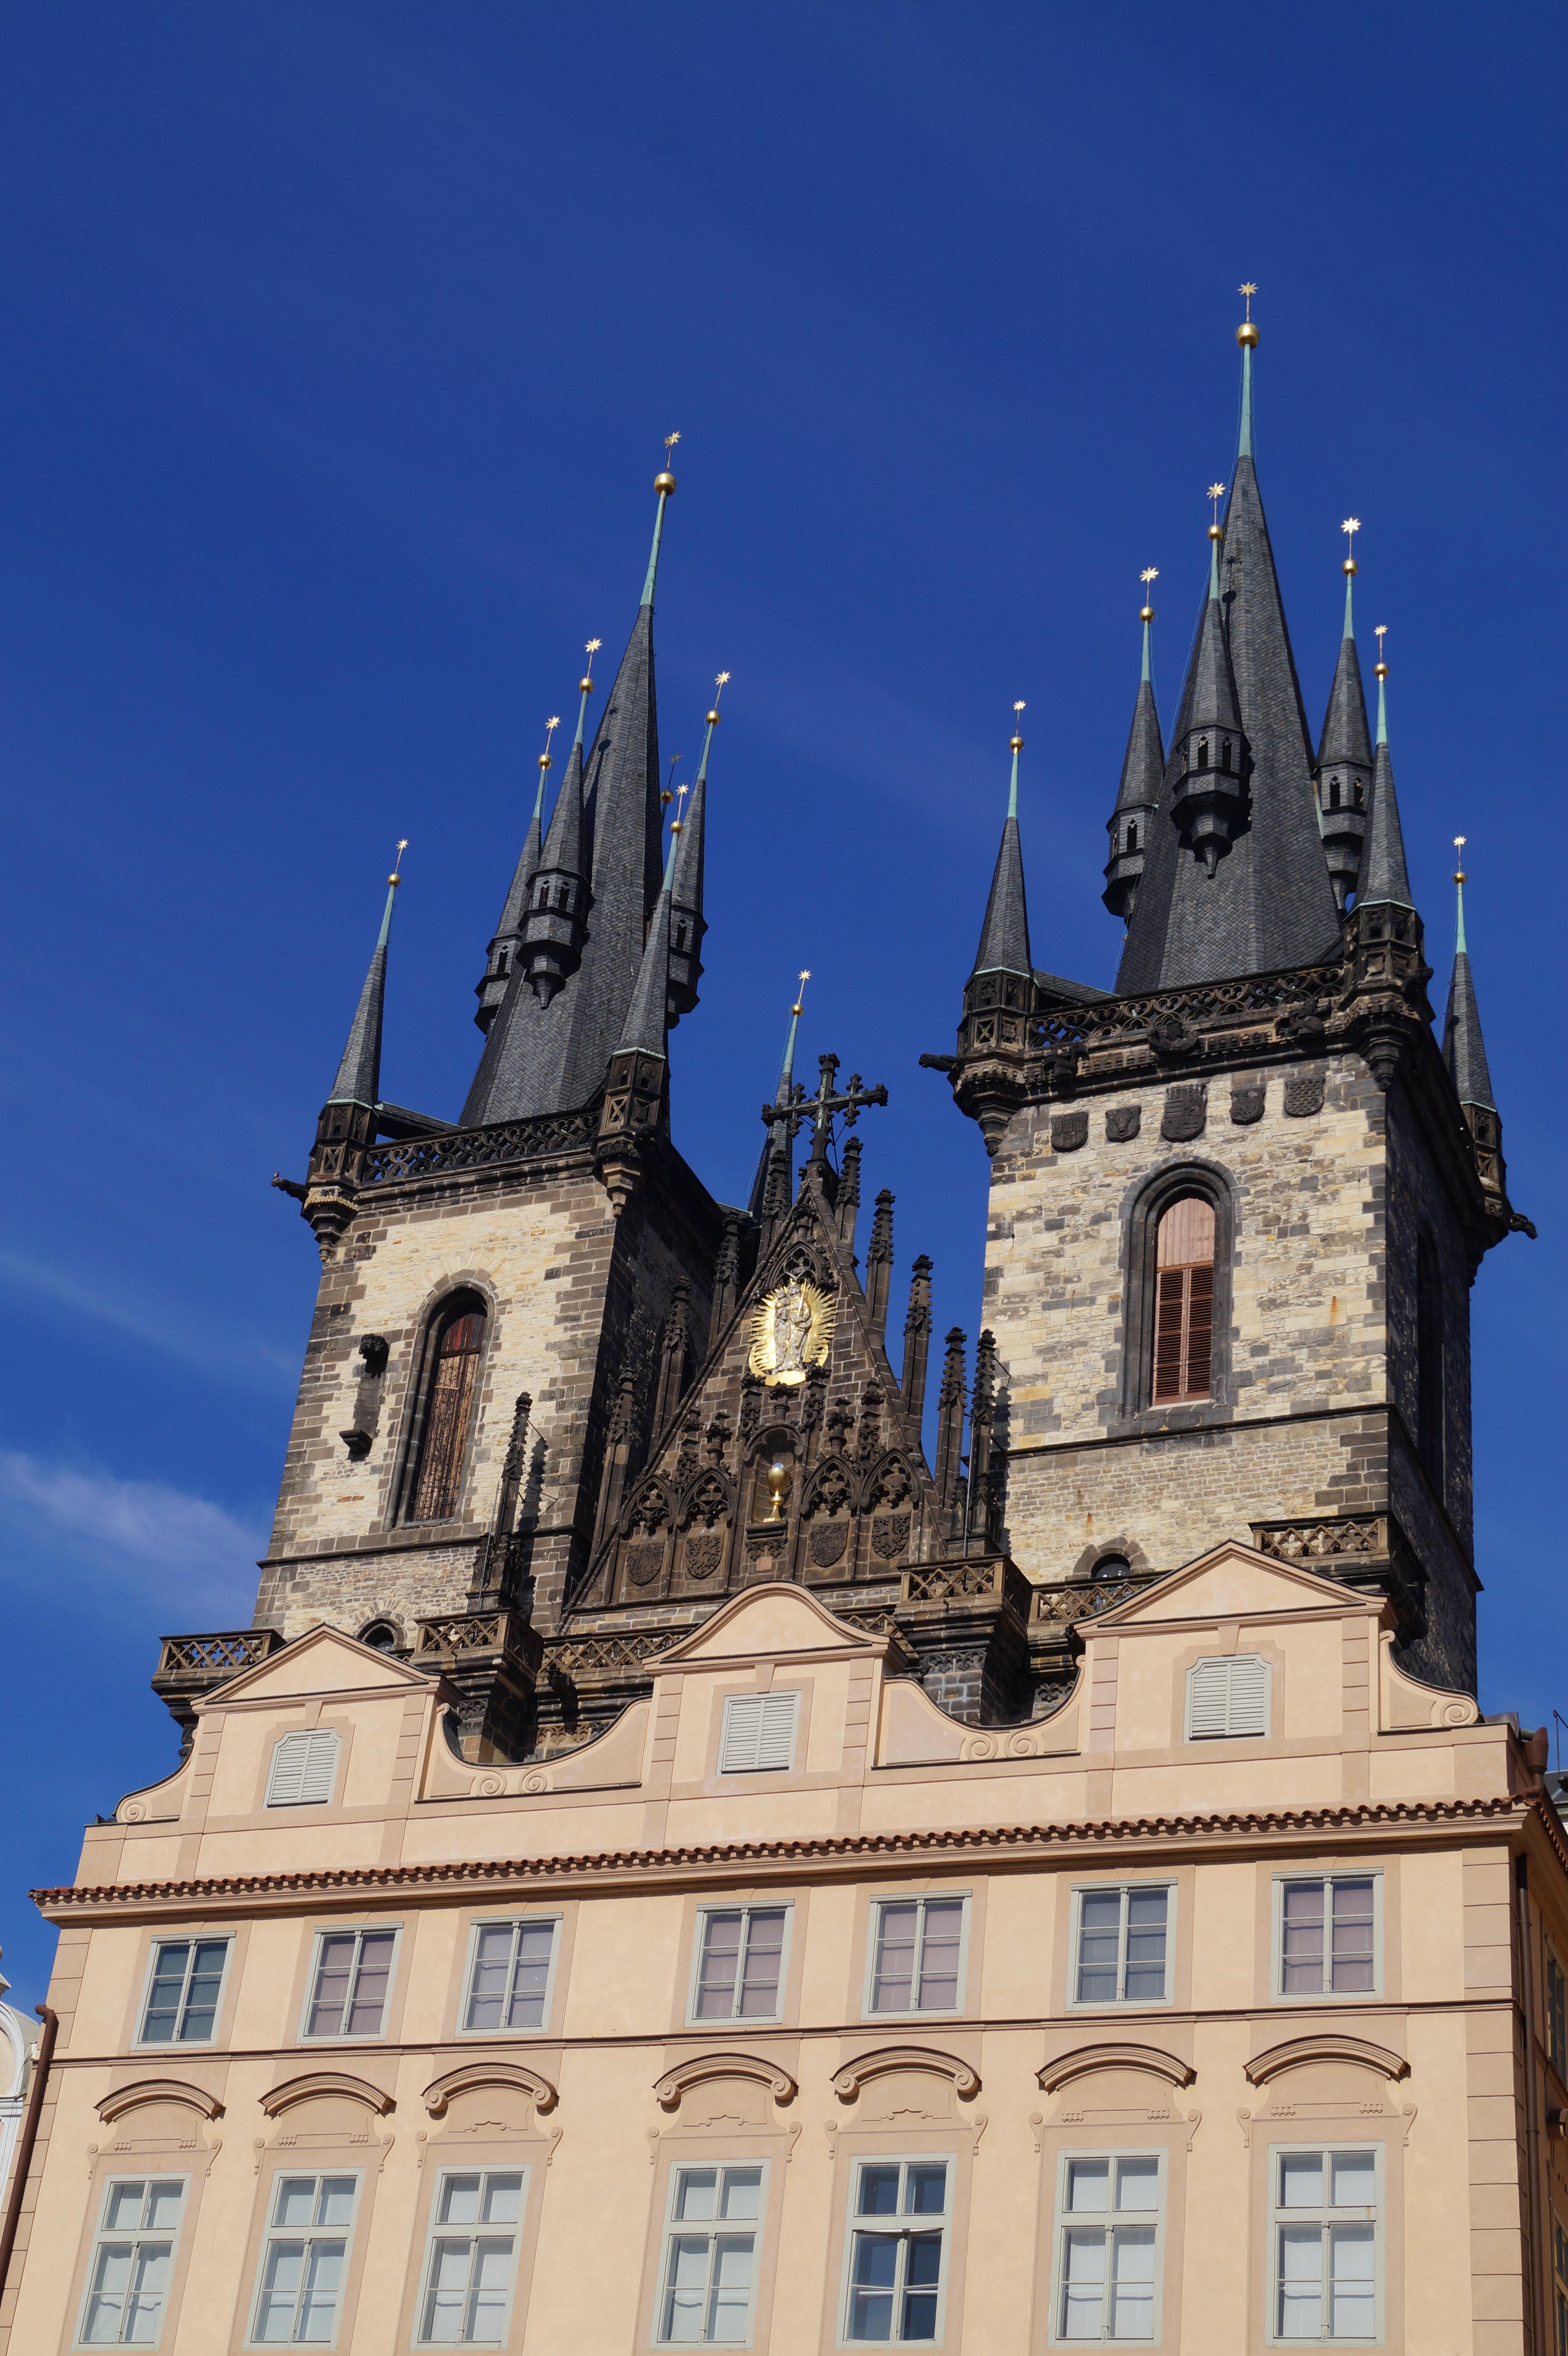 La Iglesia de Týn sobresale imponente por detrás de los edificios.